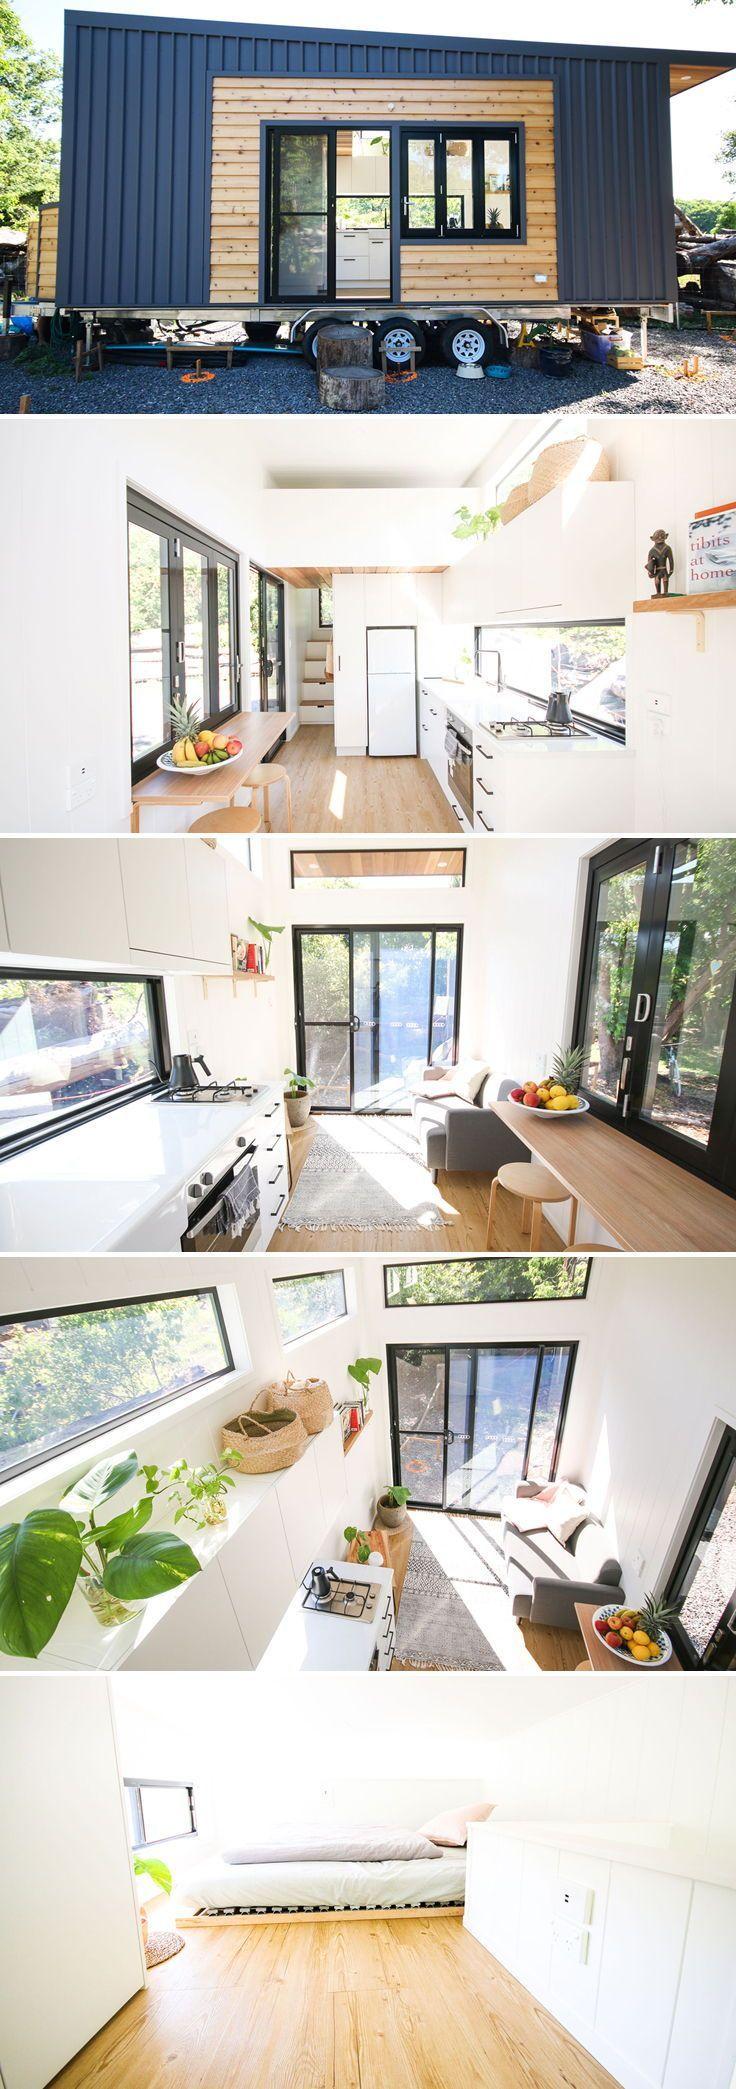 Dieses kleine Haus im modernen Stil ist das Mooloolaba 7.2 von Aussie Tiny Houses. Mit i